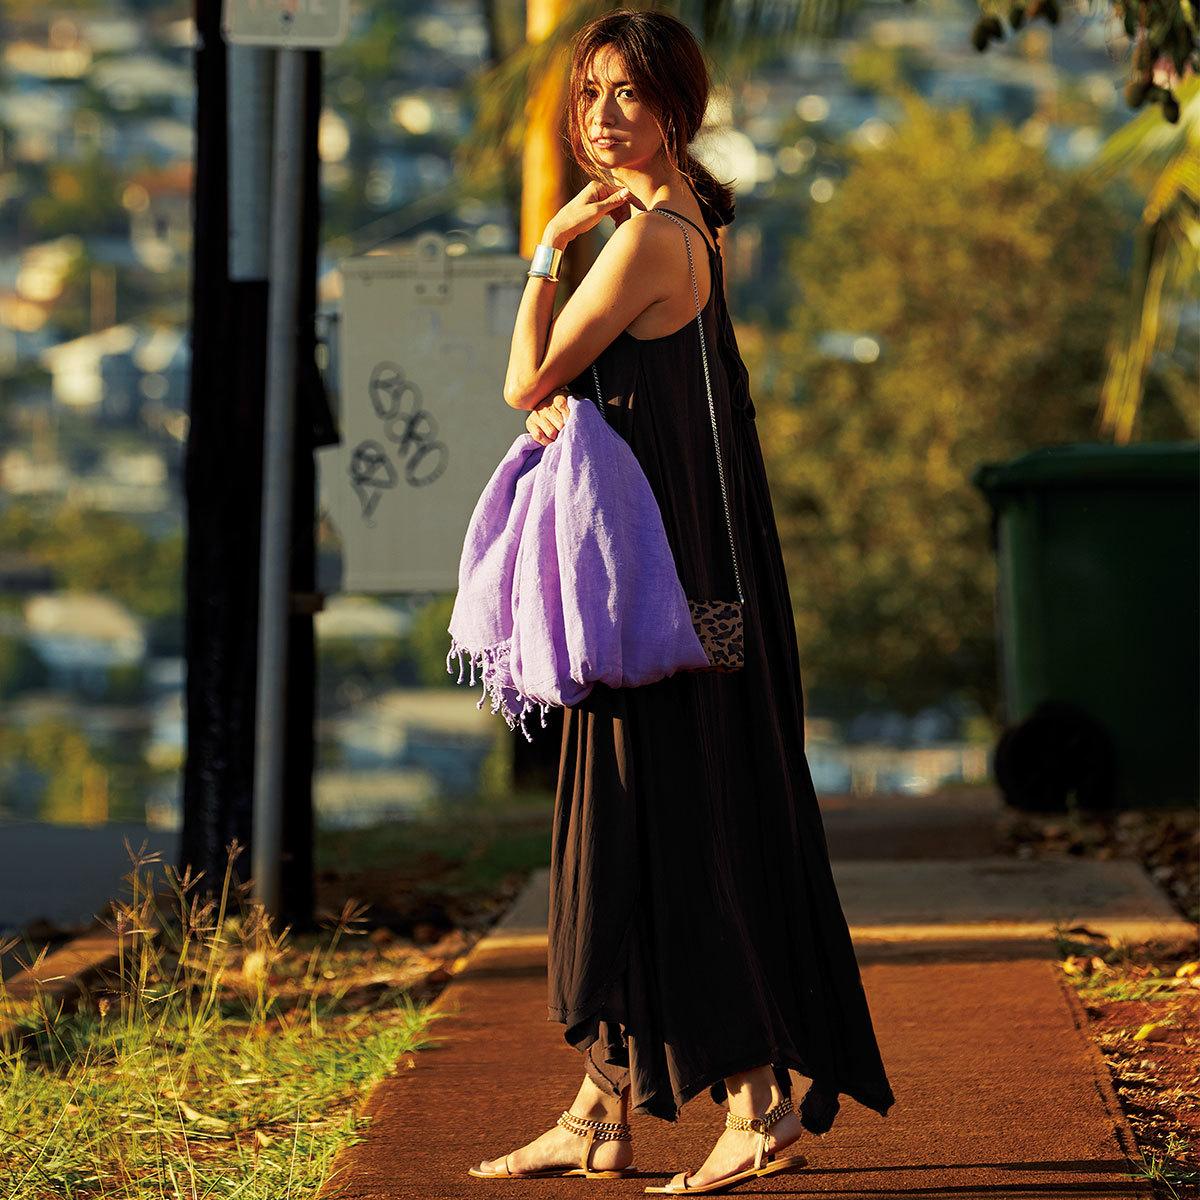 ブレンダが着る大人が目指したい5つのカジュアルスタイル_フェミニンなカジュアル